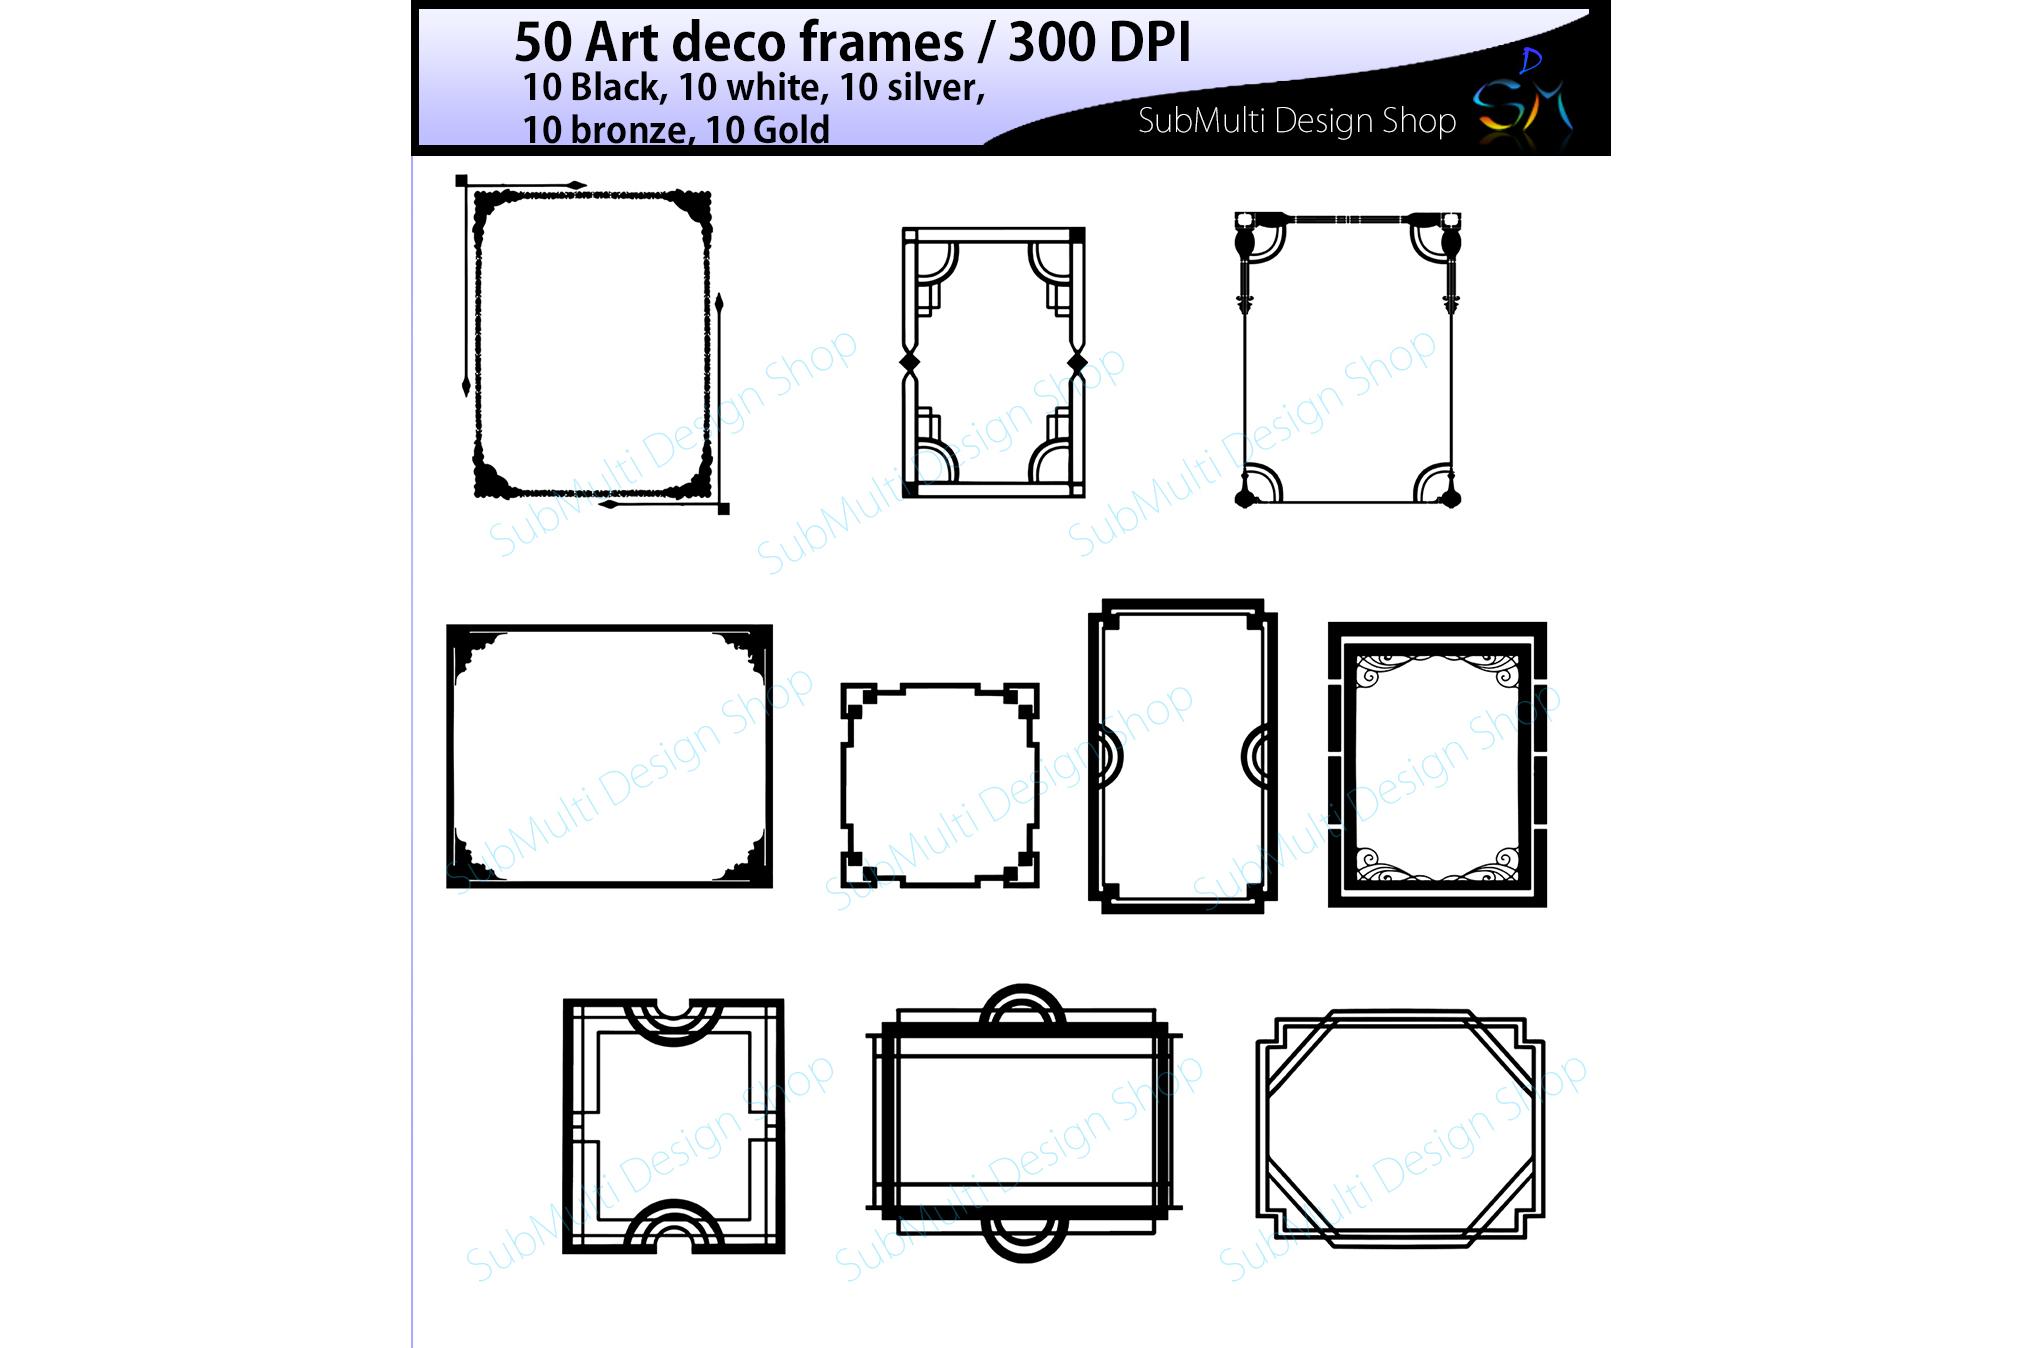 art deco frames / art deco frames clipart / art deco frames silhouette /  art deco gold frames / art deco silver frame / digital/High Quality.